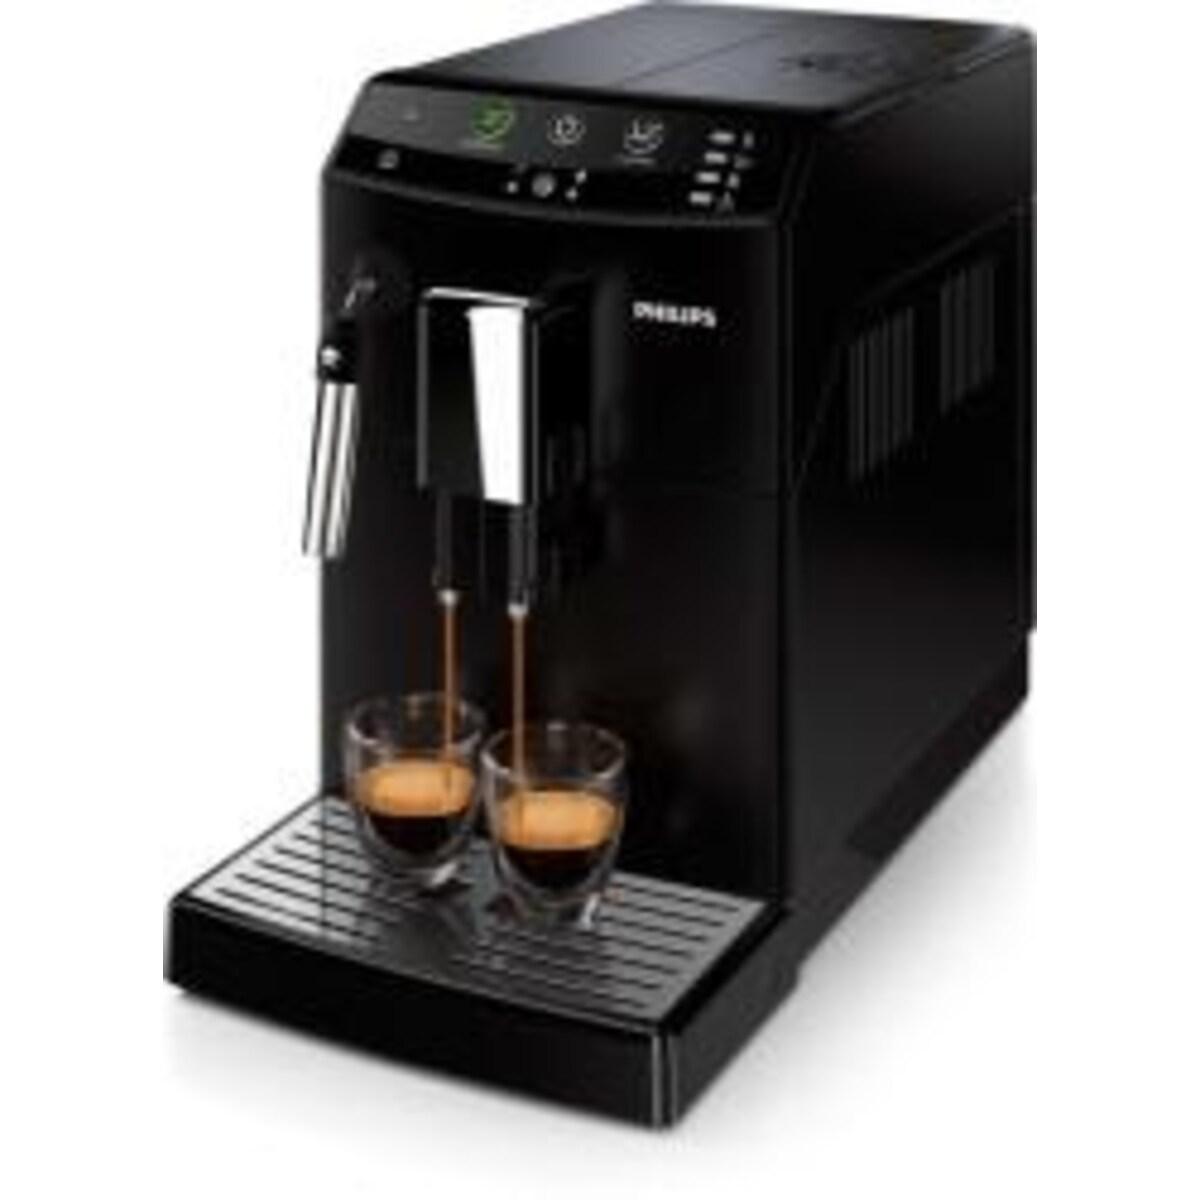 Philips HD8821/09 Автоматична еспресо кафемашина Saeco series 3000 черна кафе робот